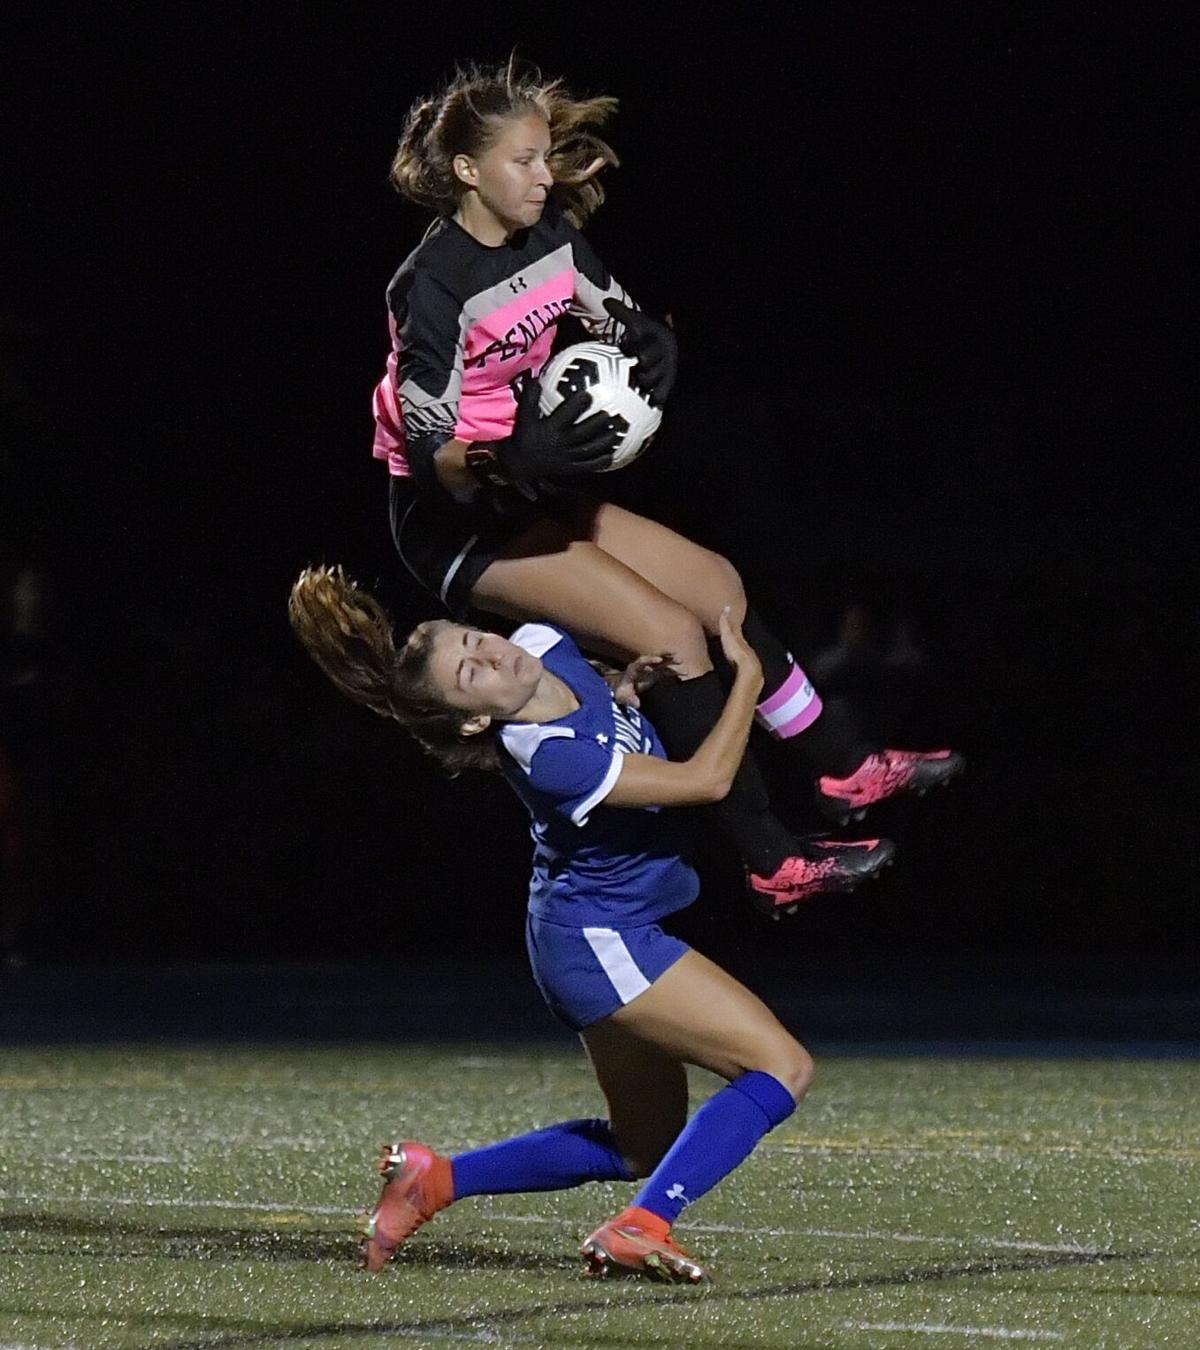 Danvers, Fenwick girls both unbeaten after scoreless tie